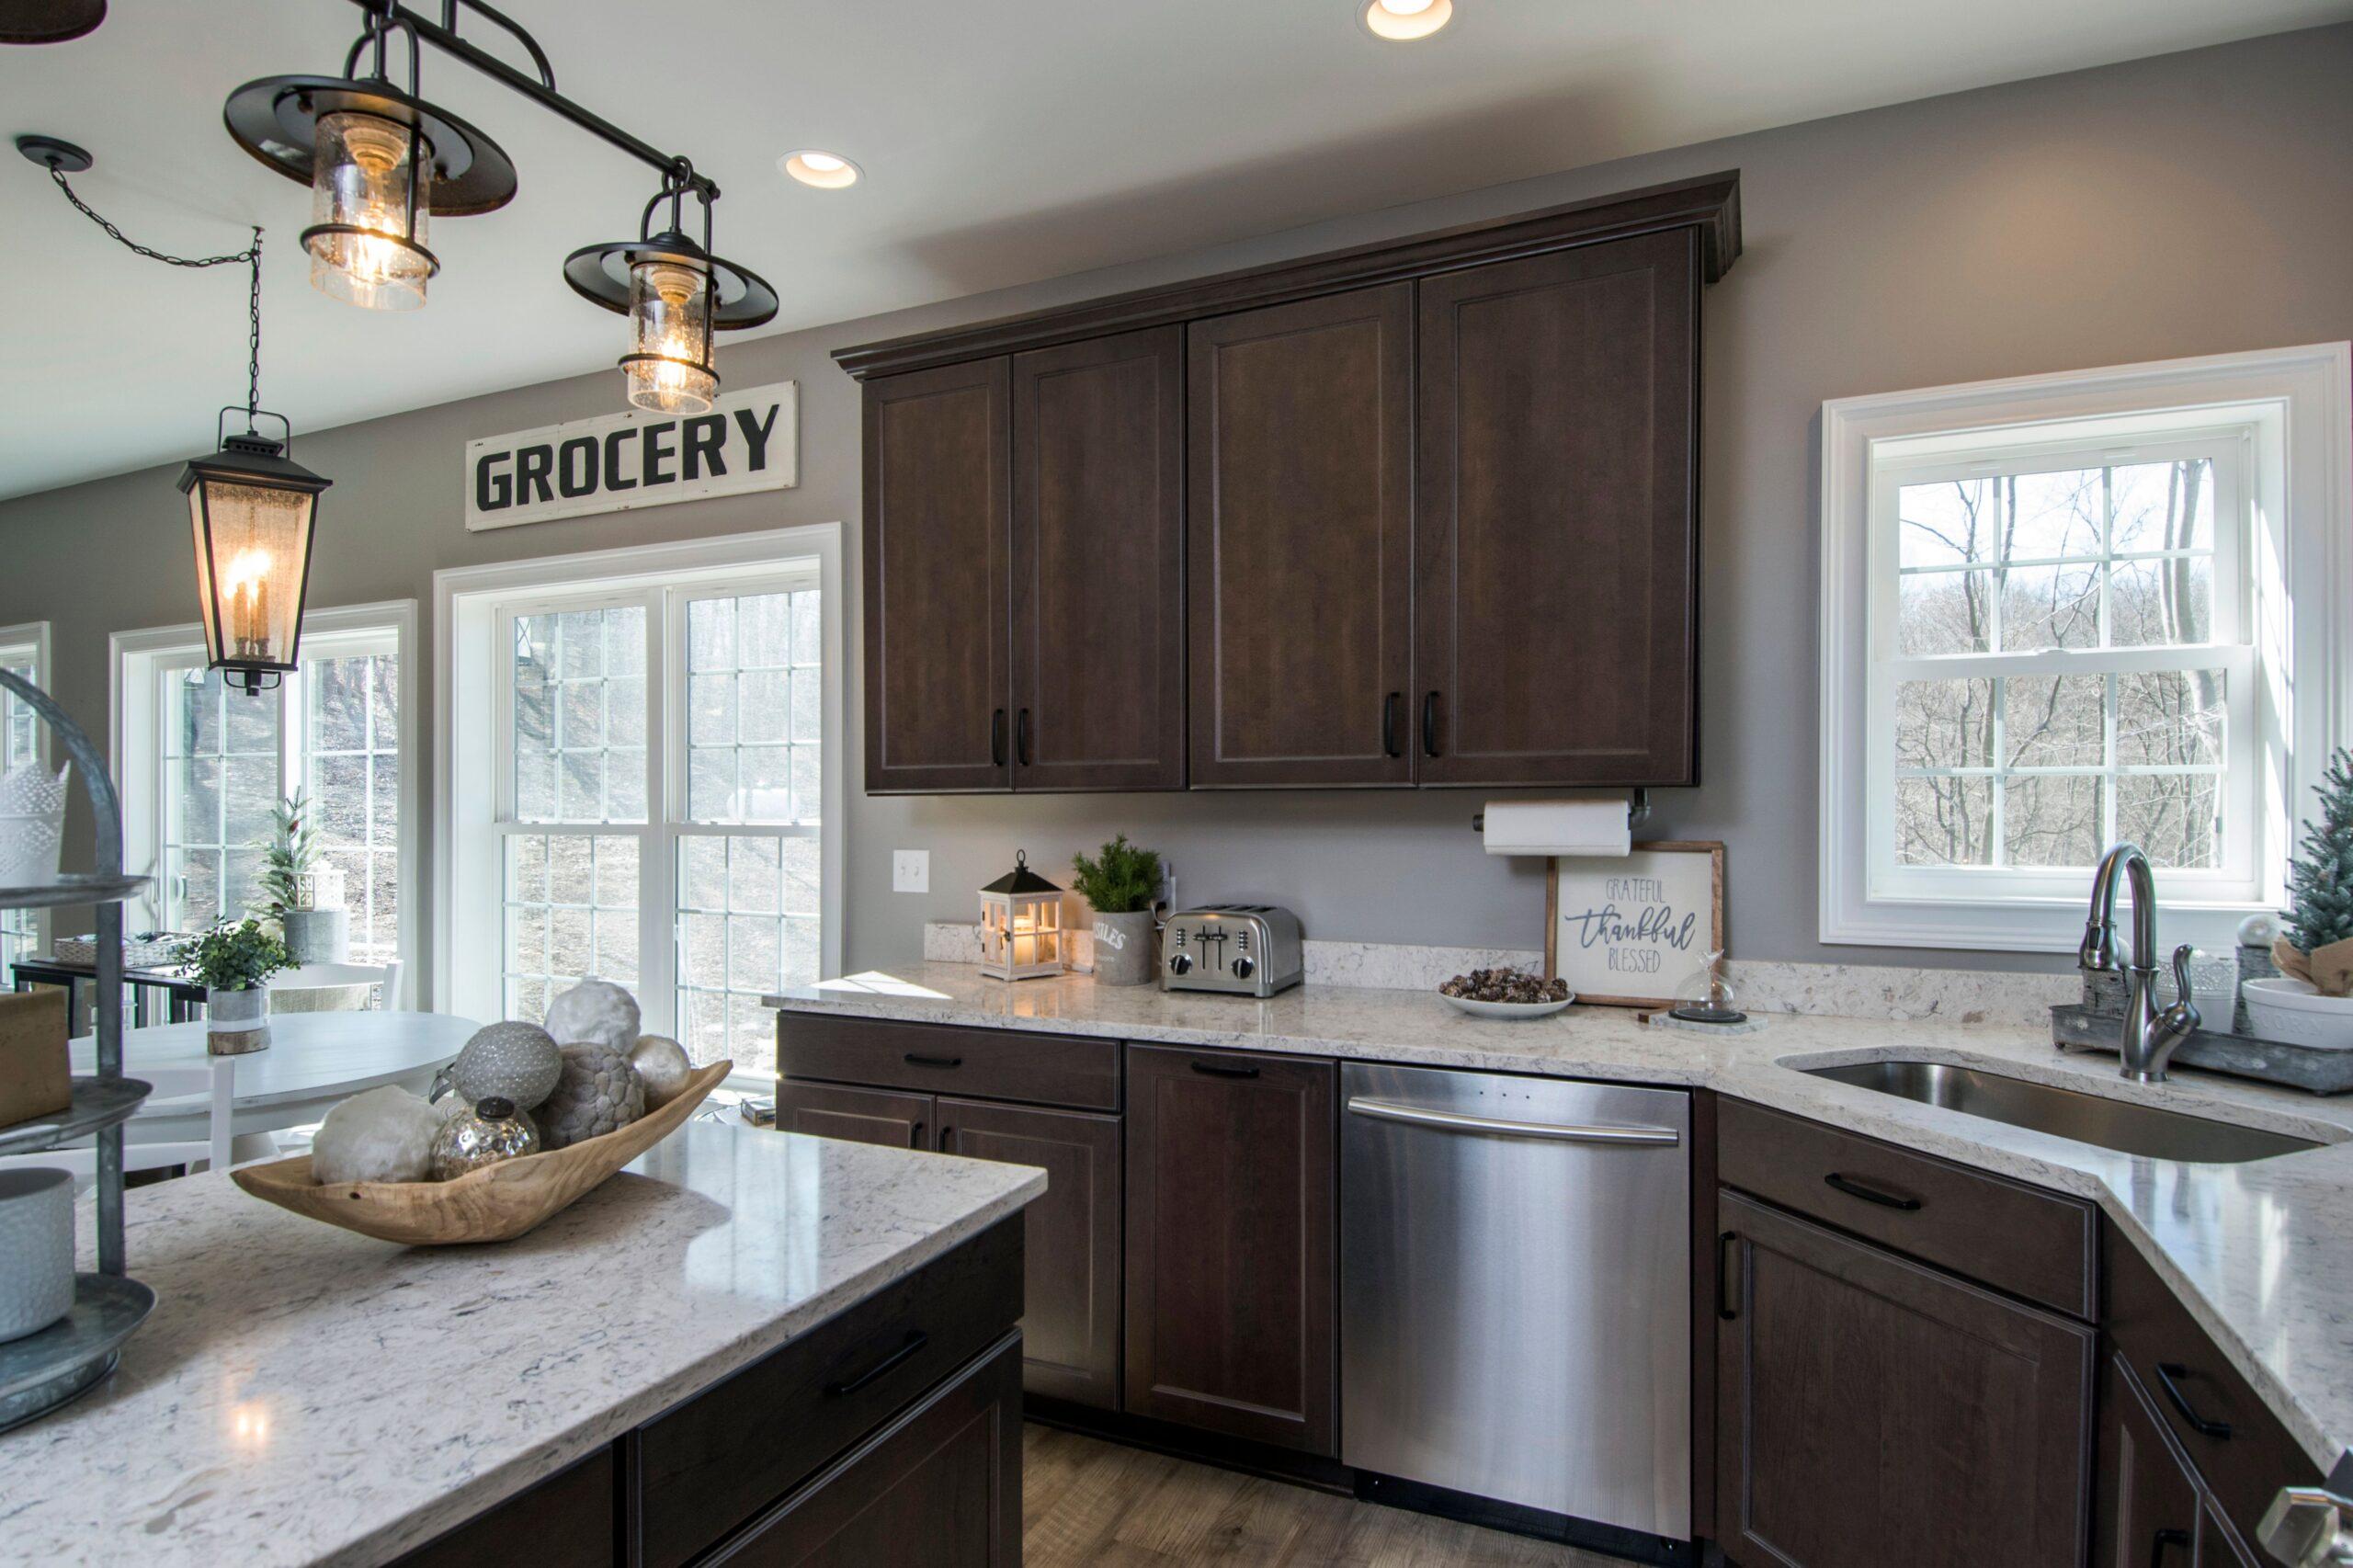 Home Pre-Renovation Checklist